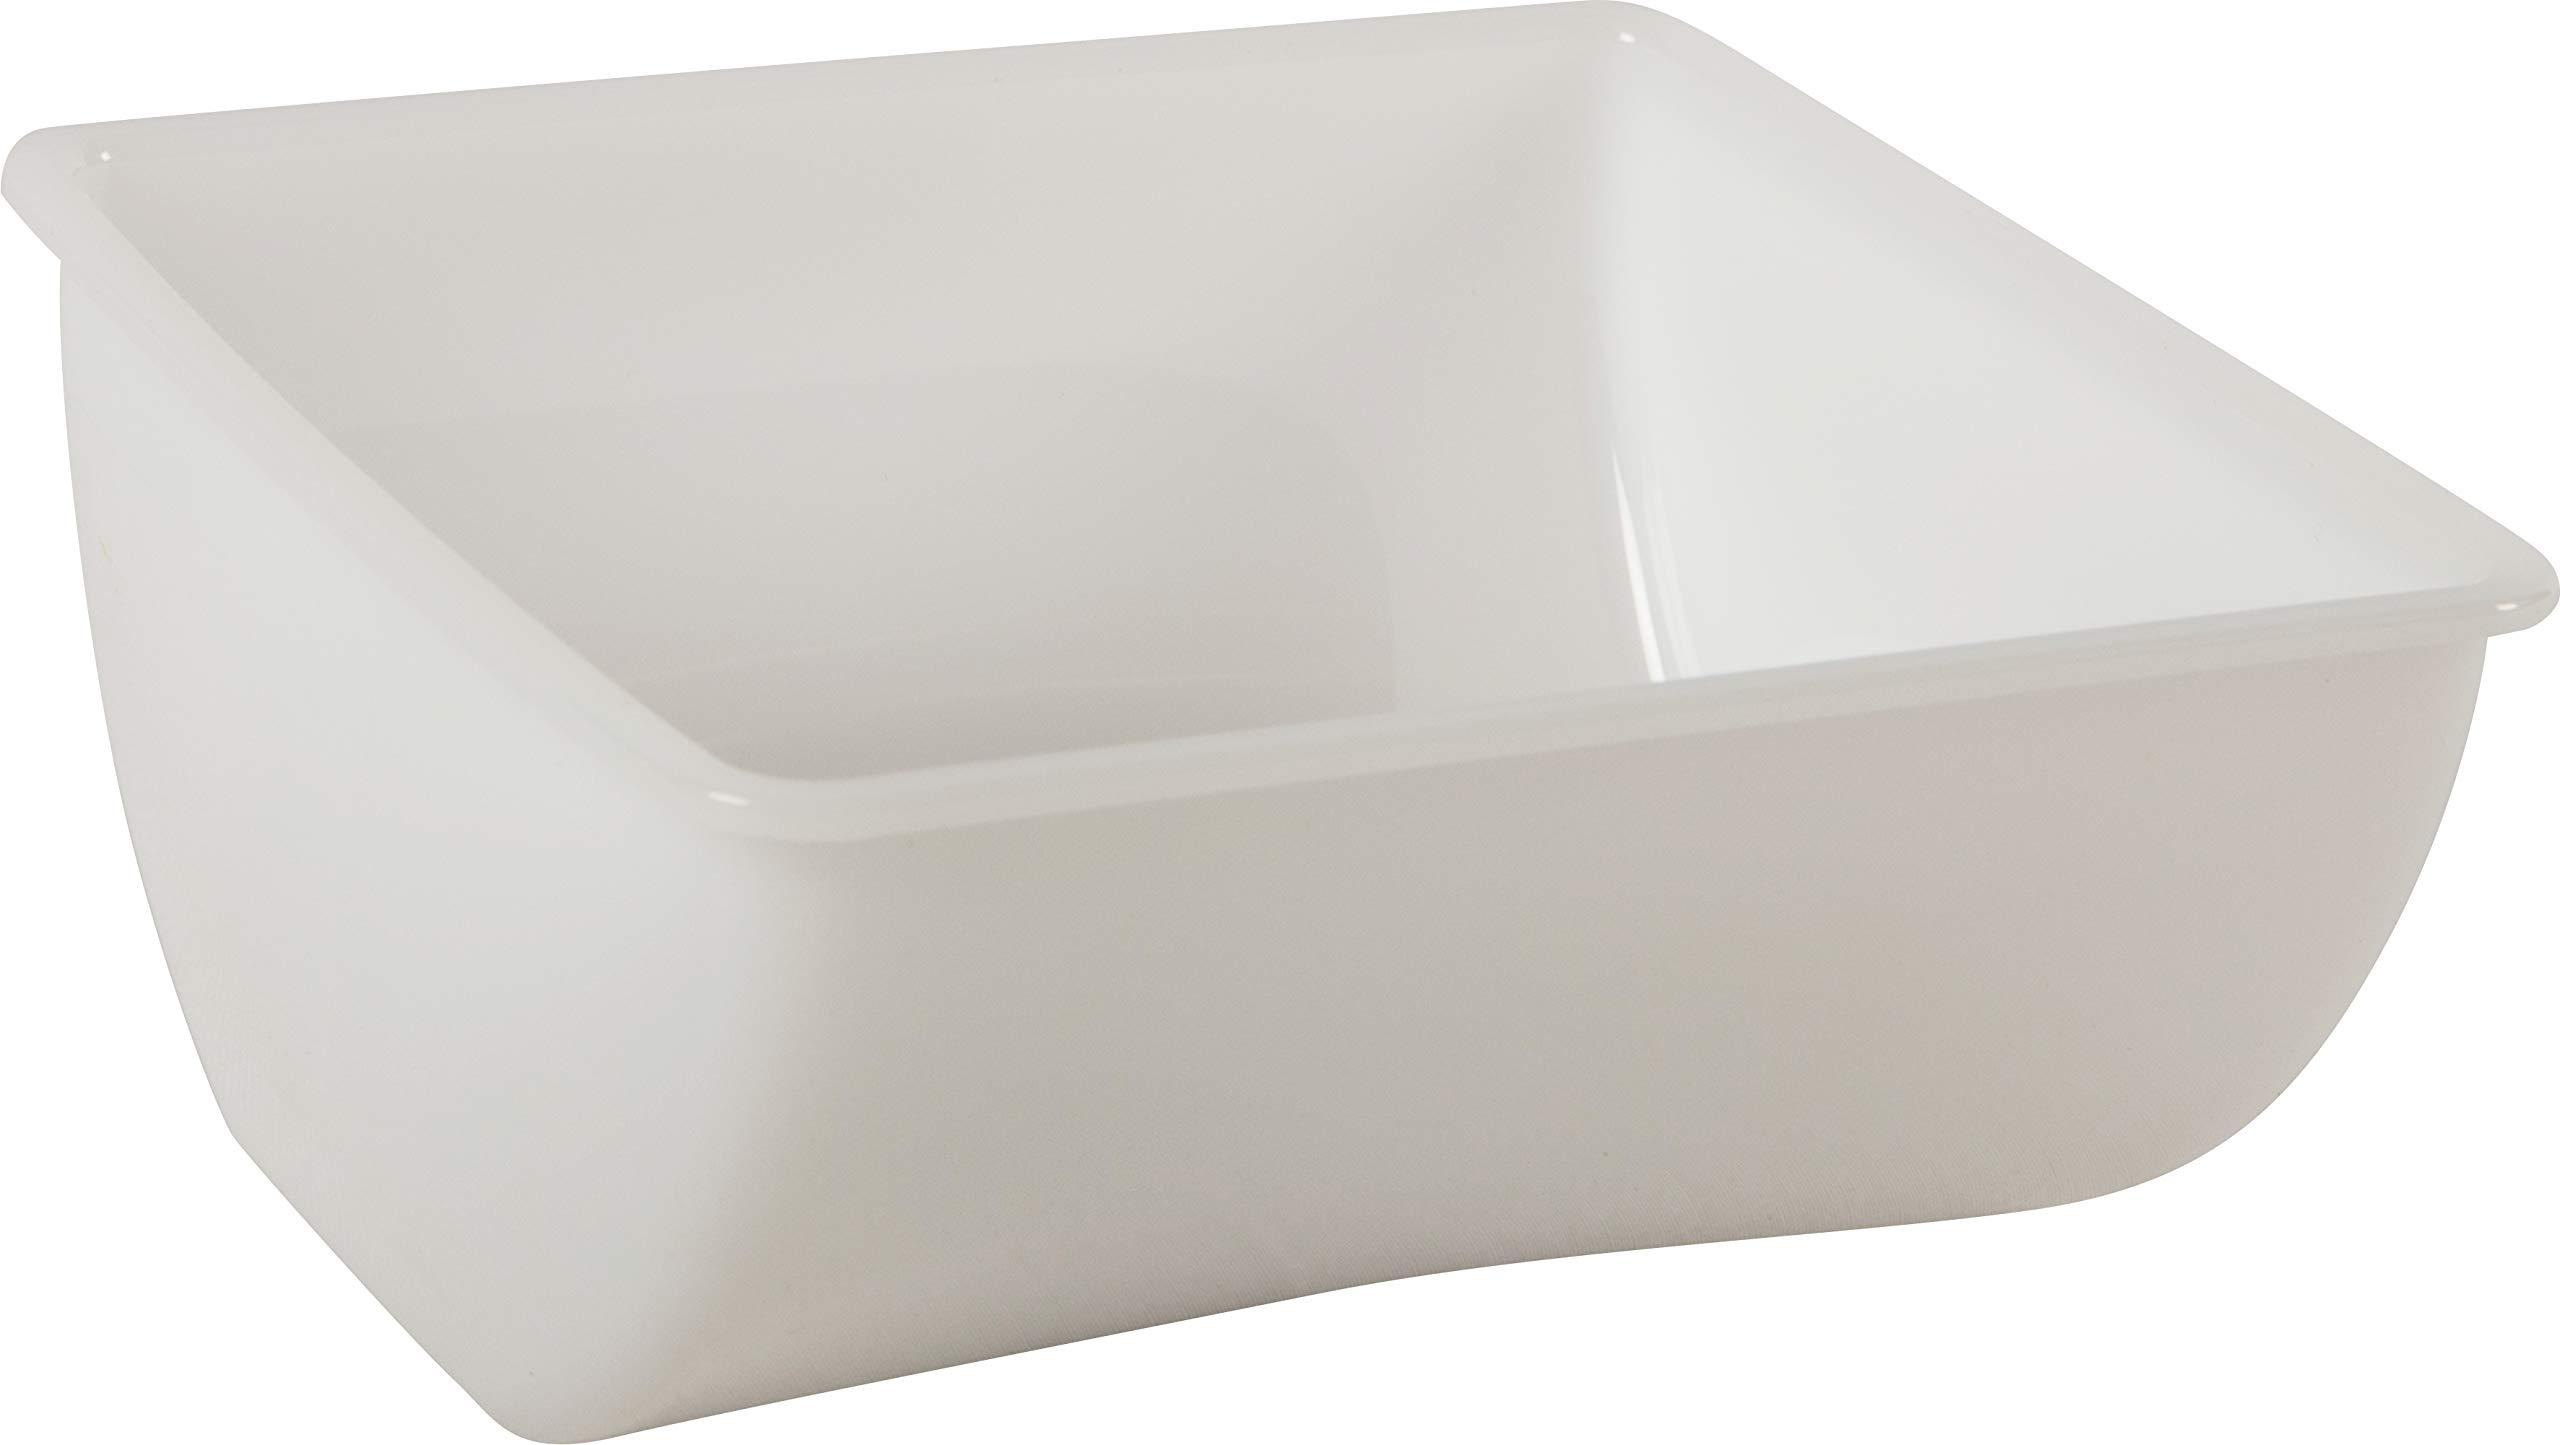 San Jamar B432 1qt Condiment Tray Insert, 5-7/8'' Height x 2-3/4'' Width x 5-1/2'' Depth (Pack of 12)